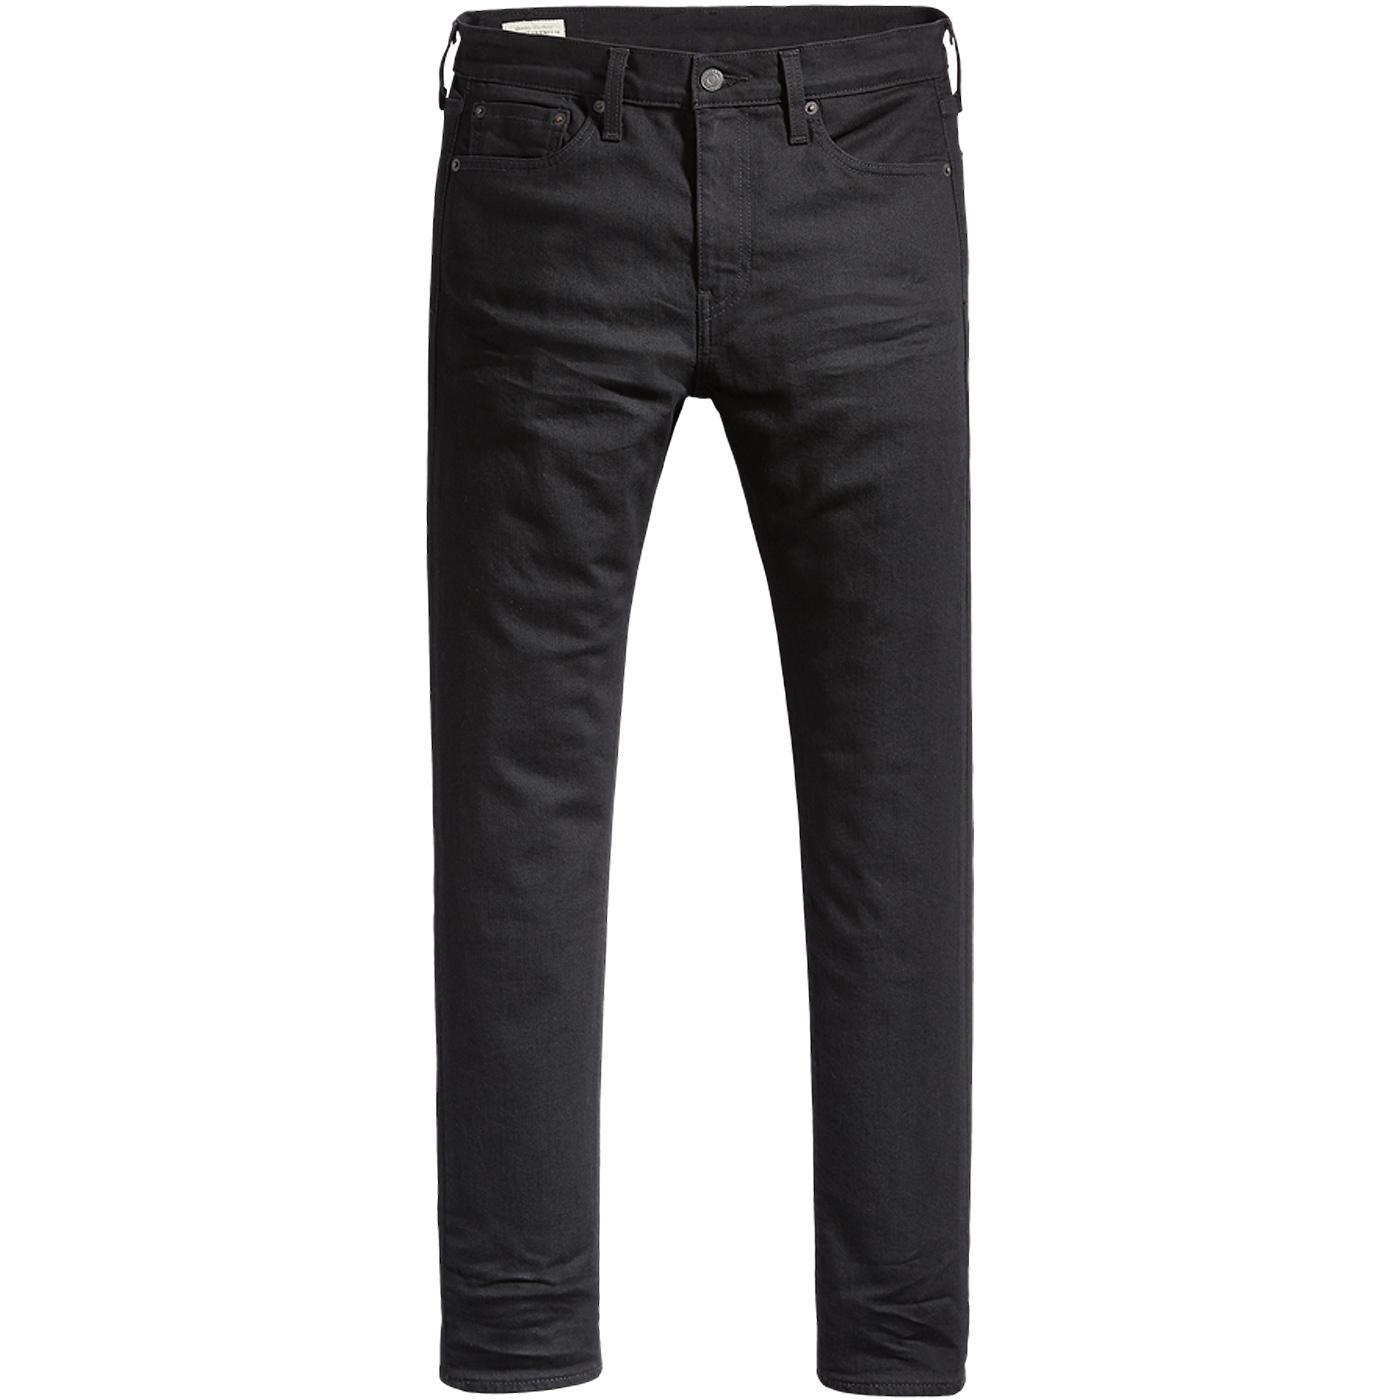 LEVI'S Skinny Taper Men's Mod Jeans (Stylo Adv.)